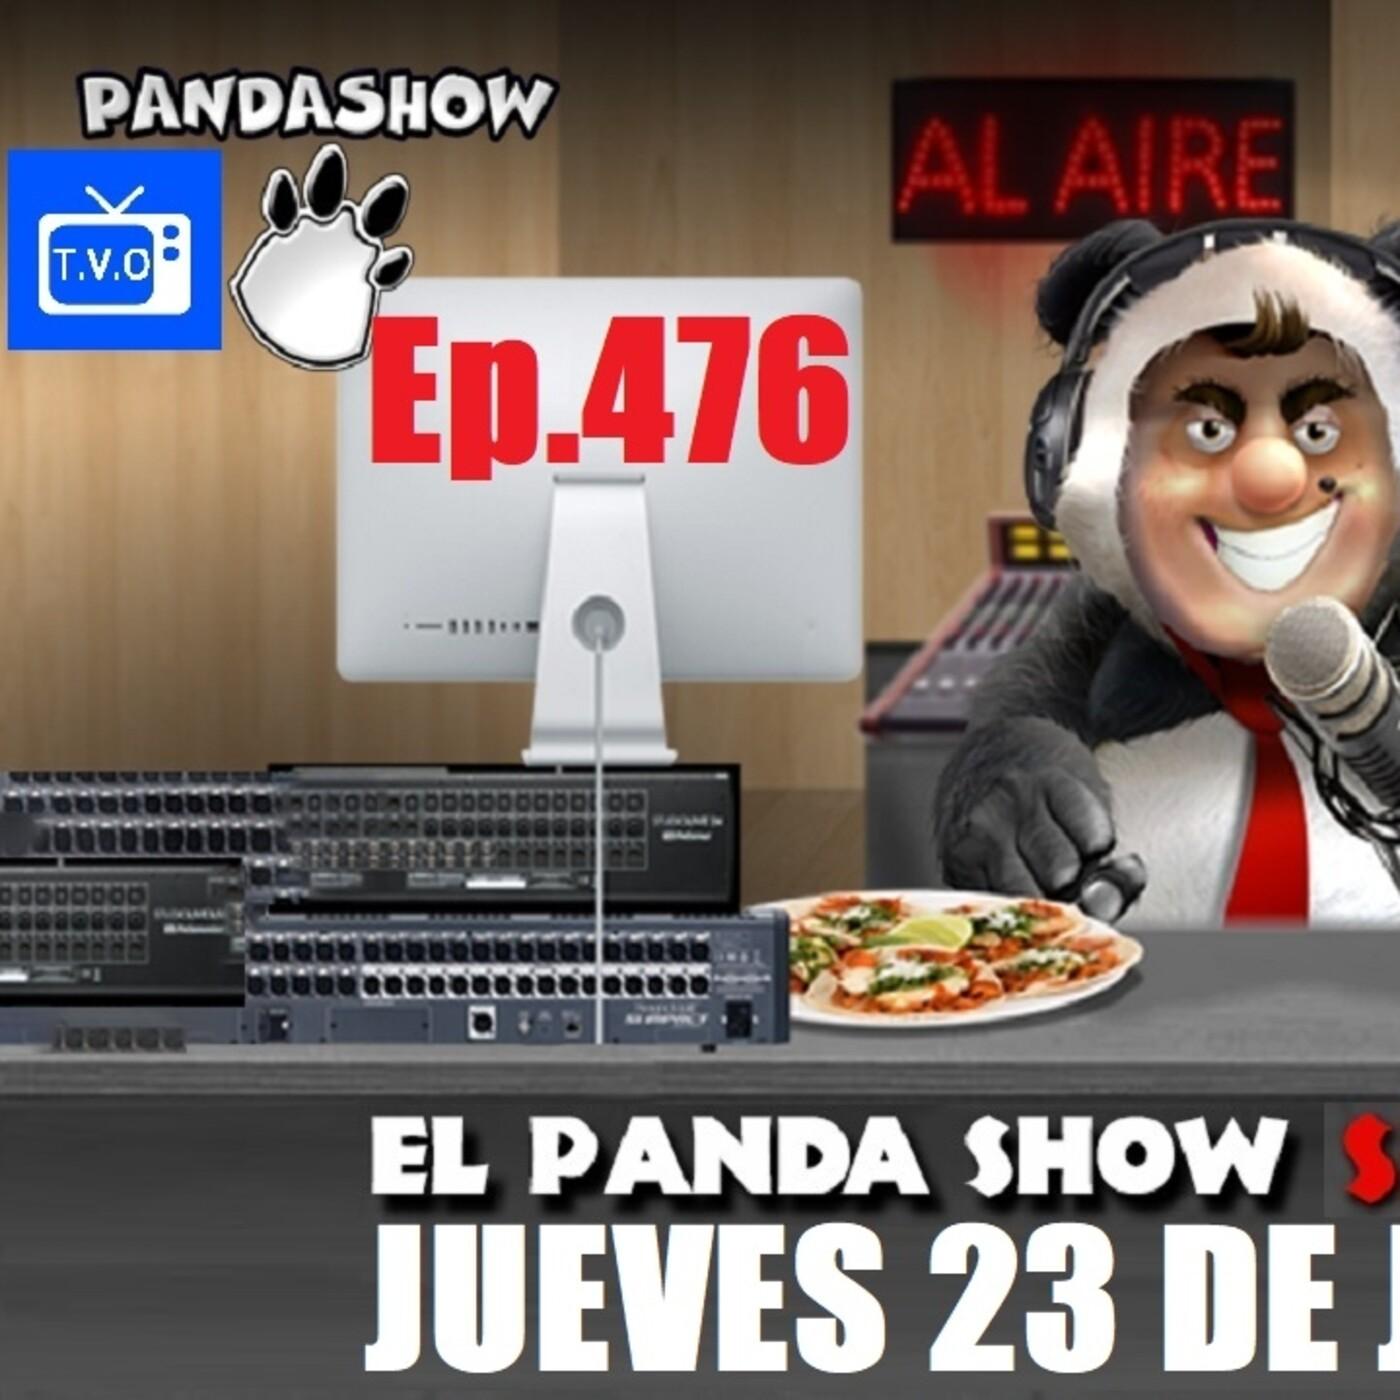 EL PANDA SHOW Ep. 476 JUEVES 23 DE JULIO 2020